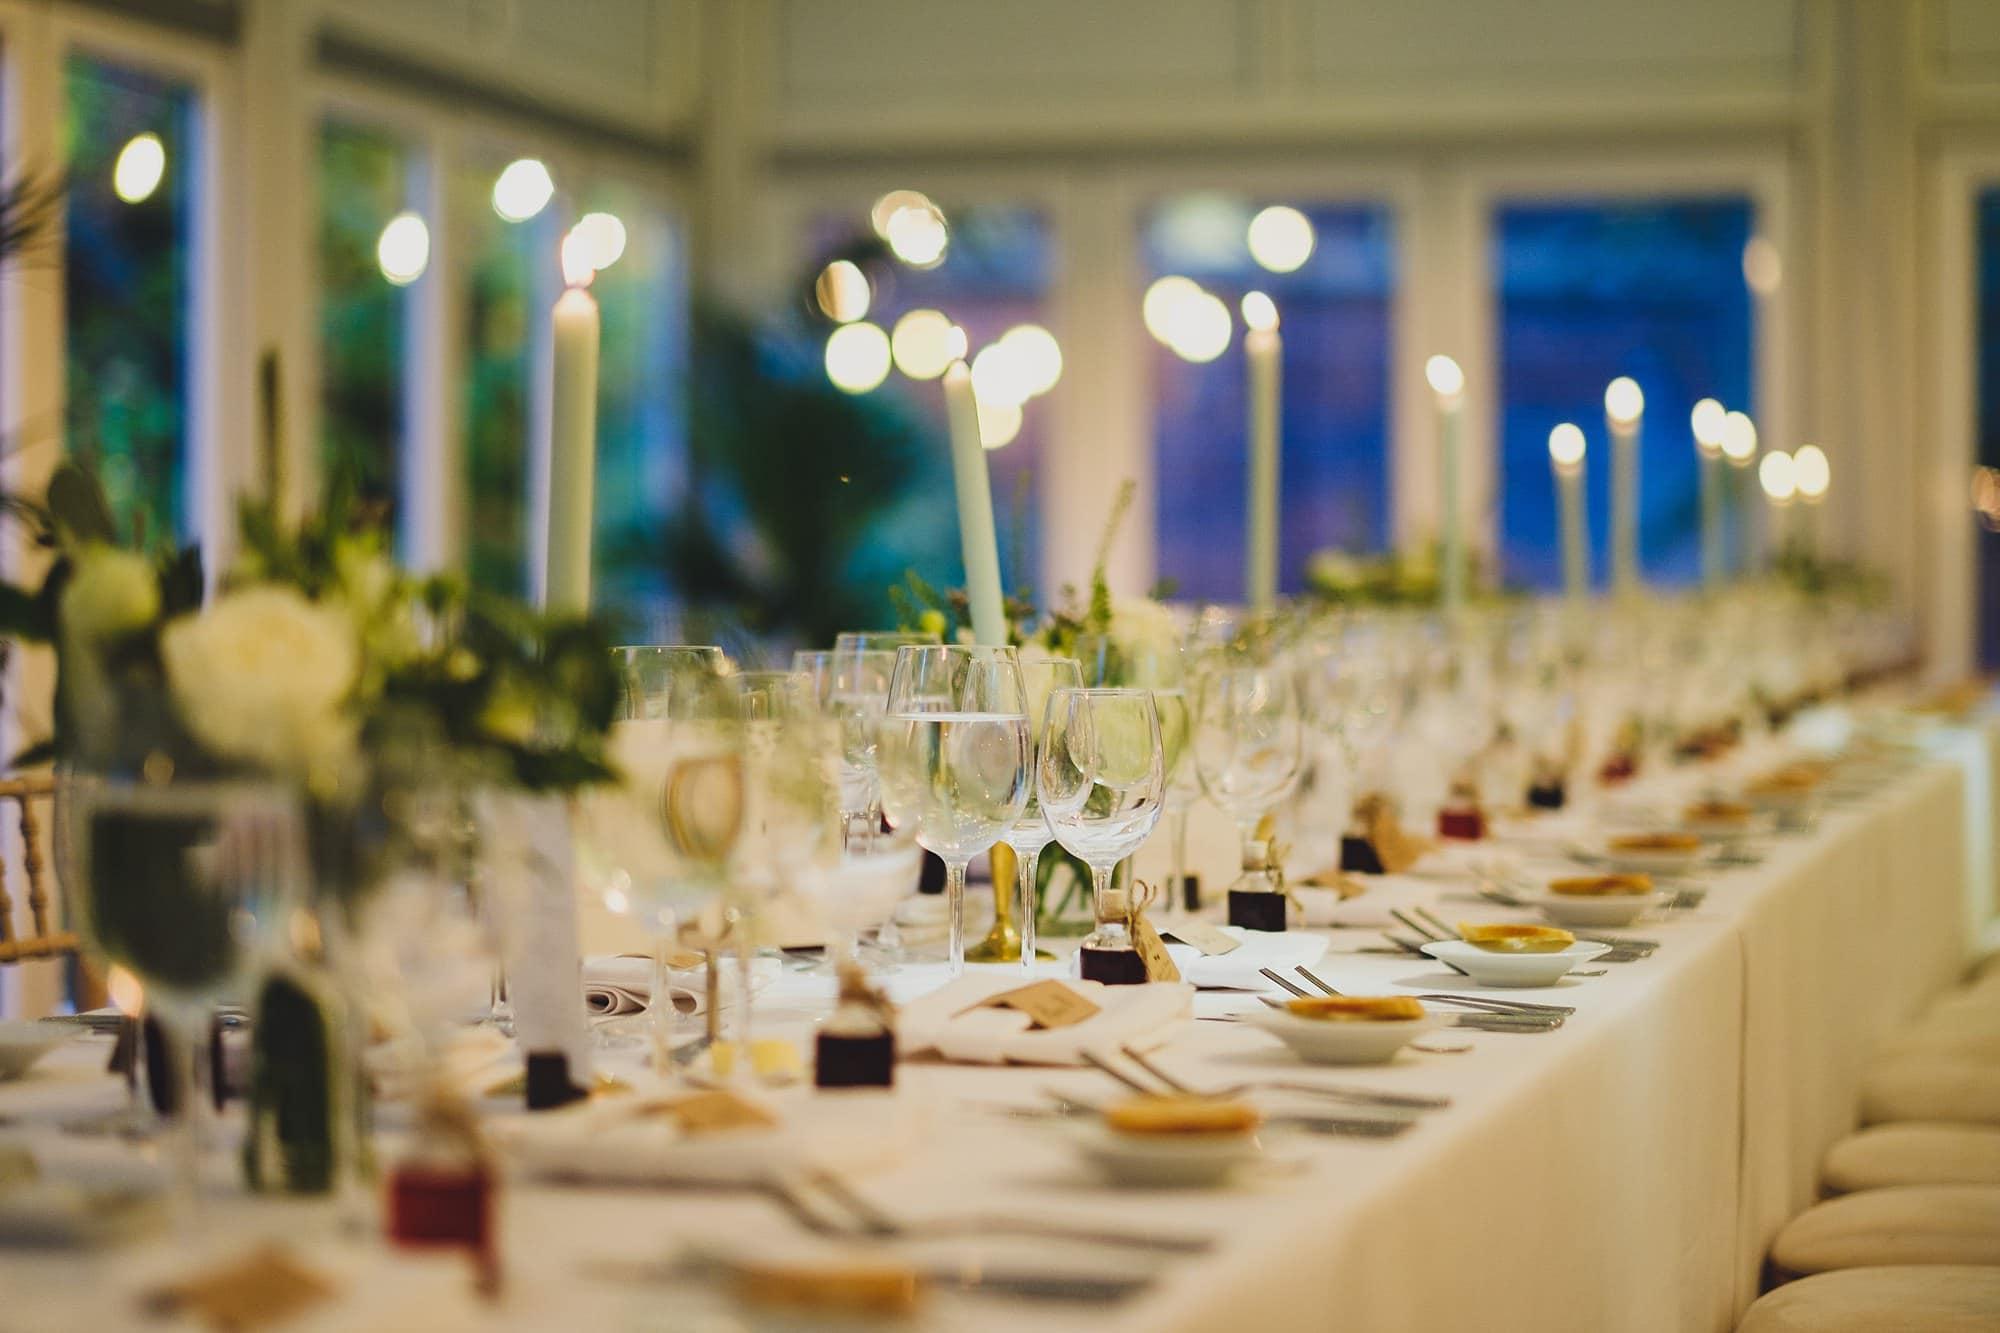 fulham palace wedding photographer ok 068 - Olivia + Kyle